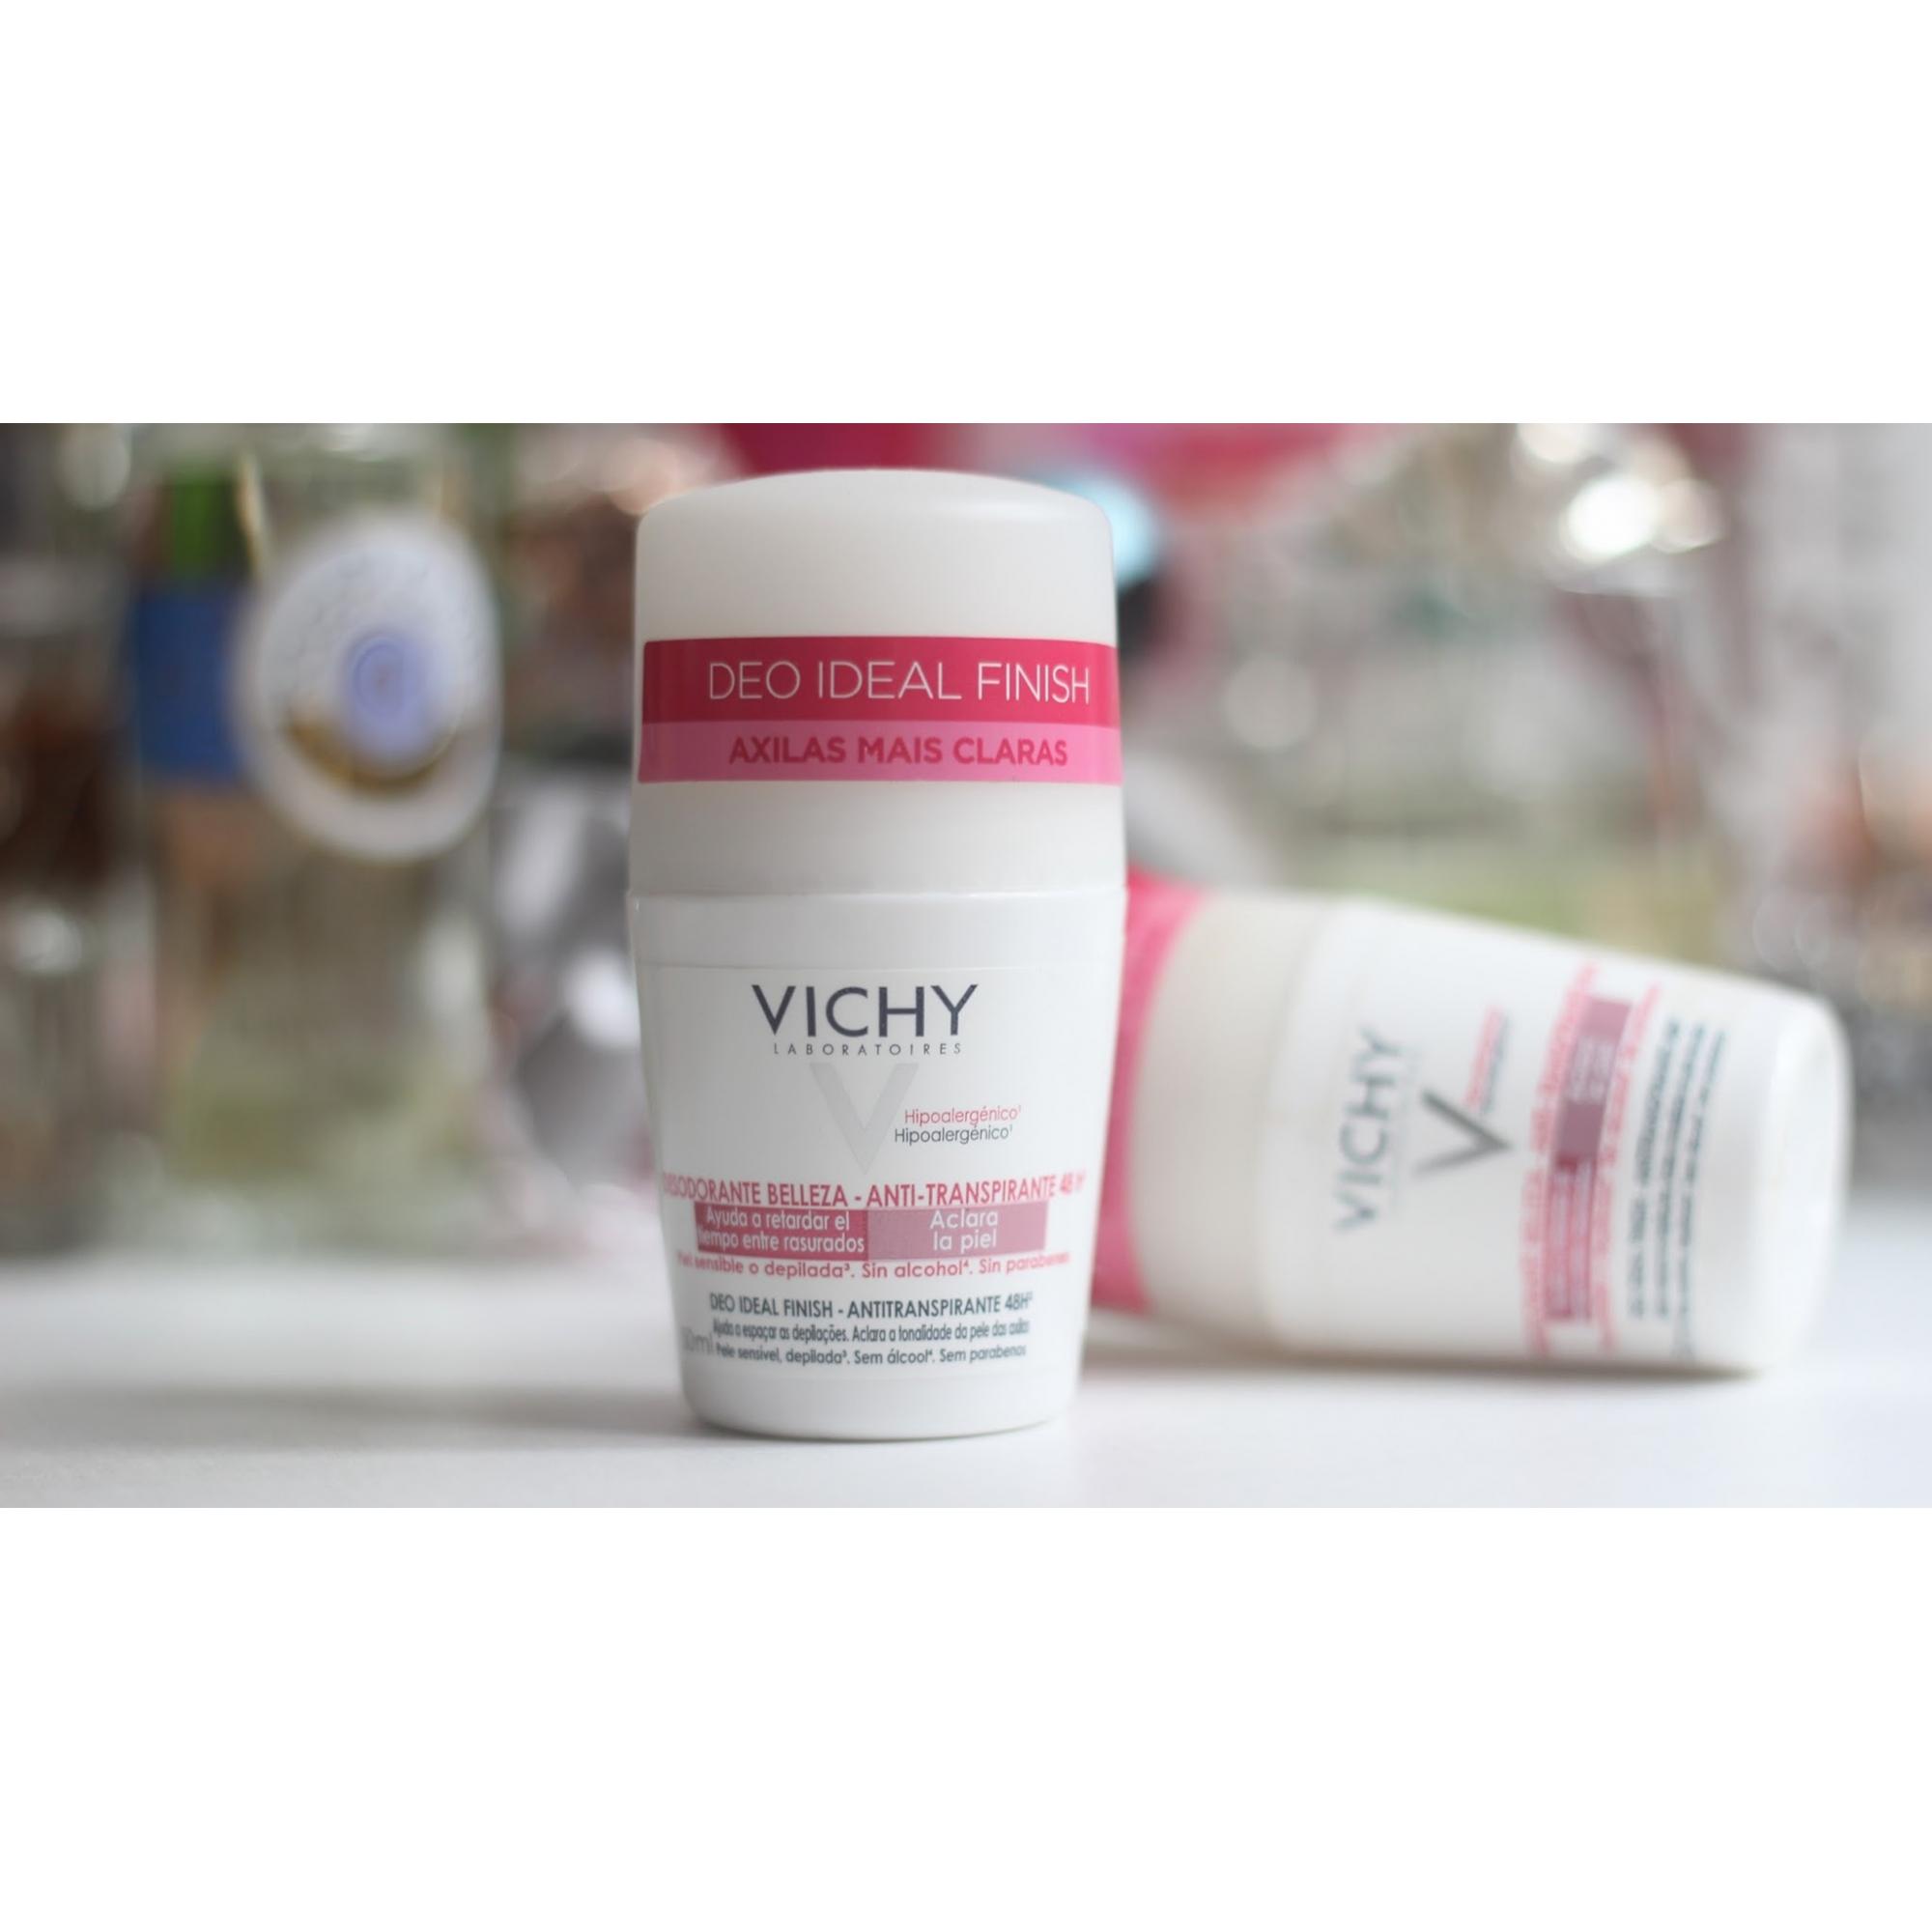 DESODORANTE IDEAL FINISH 50ml - Vichy